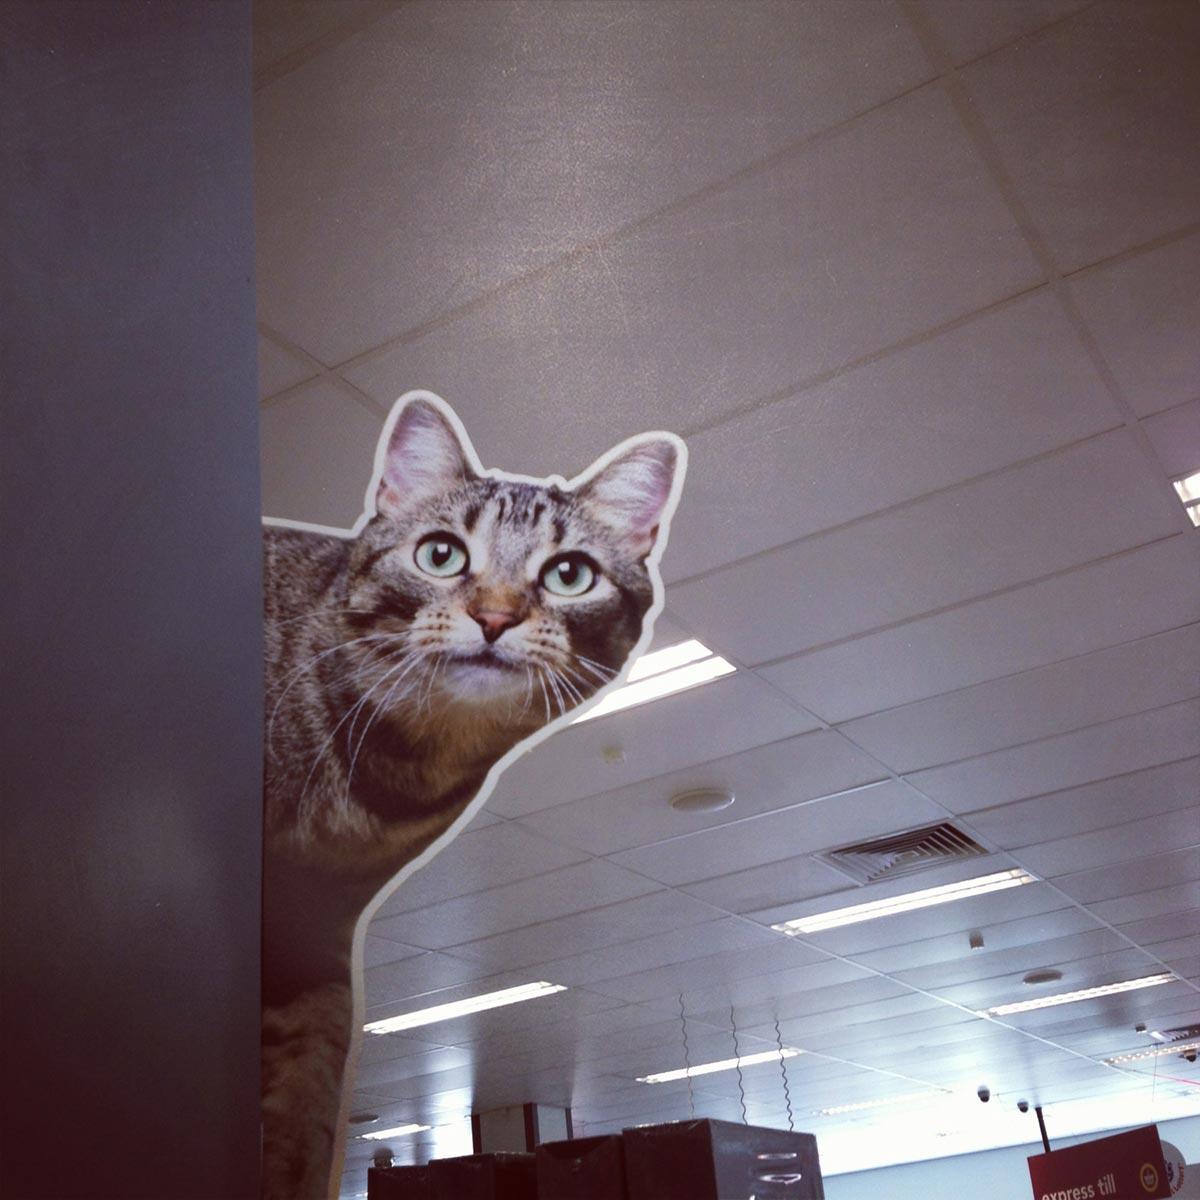 Wilkinson's cardboard cat